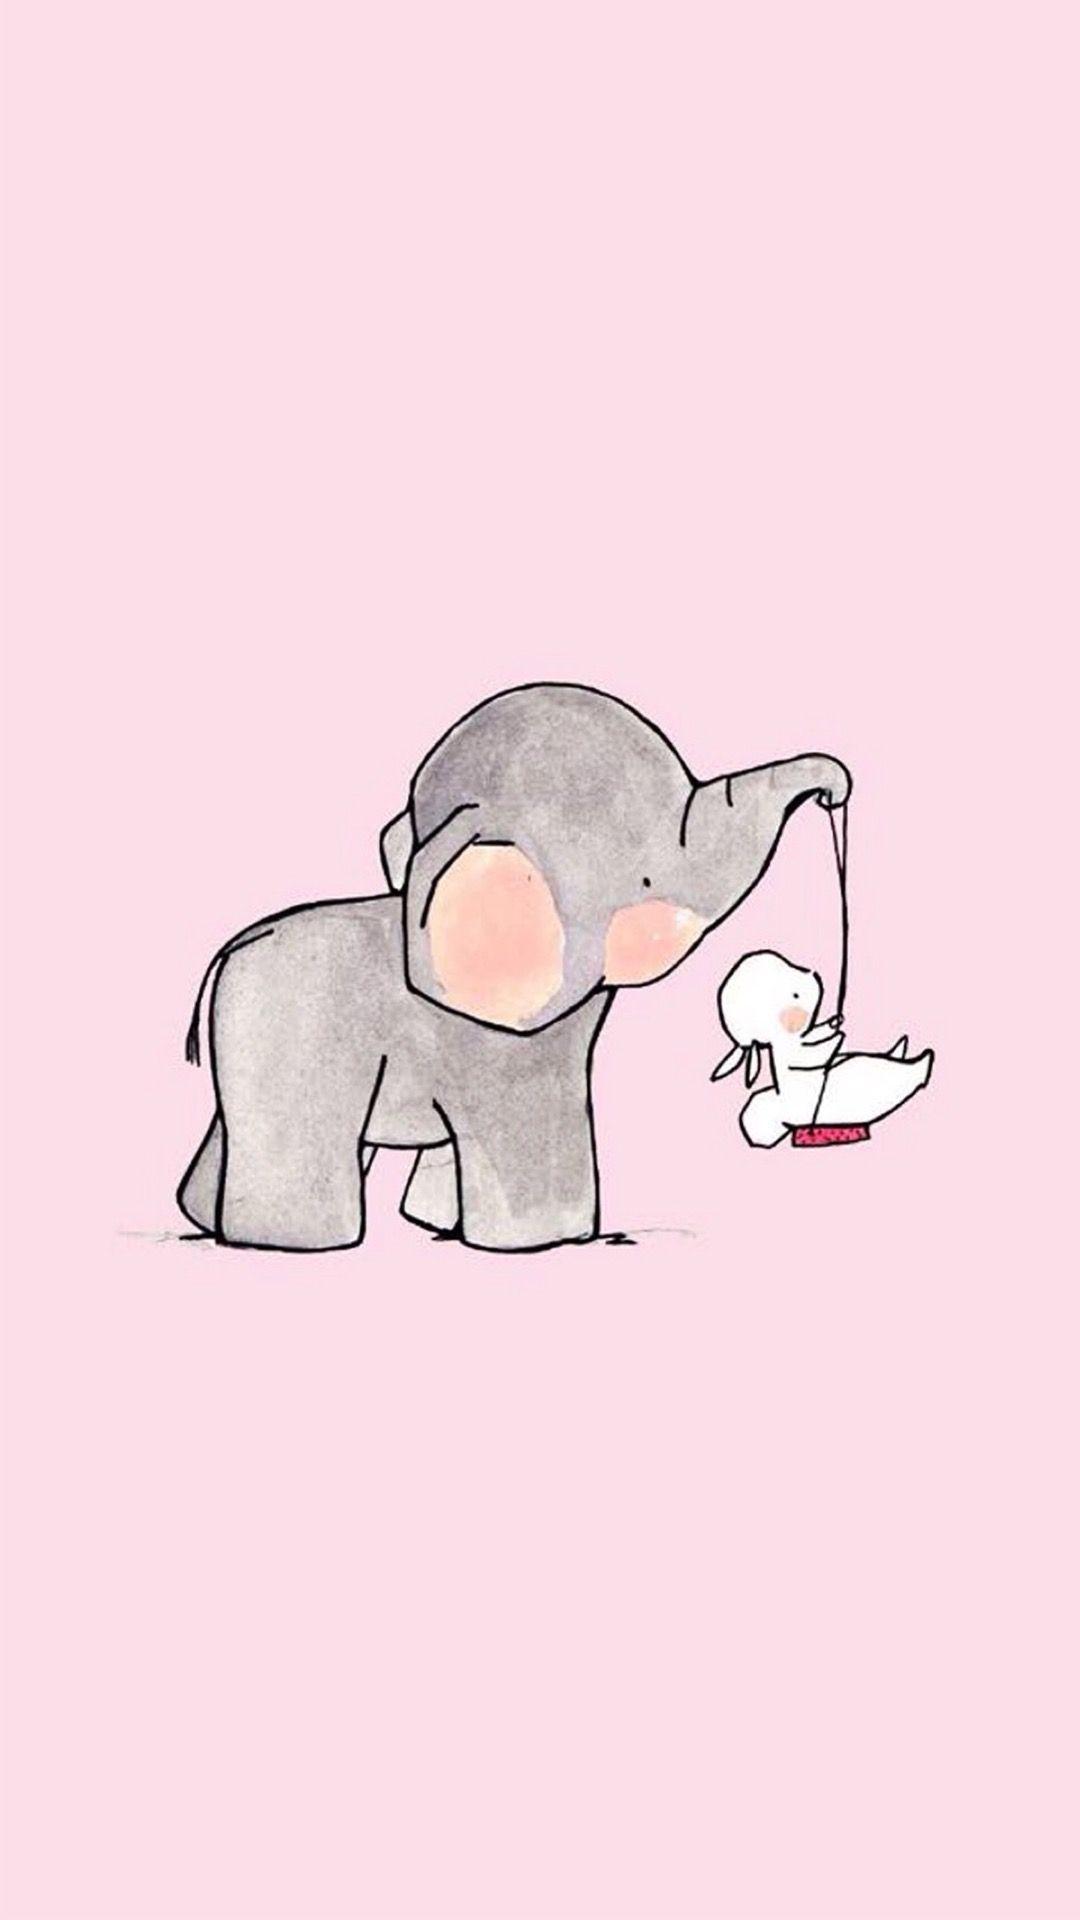 Baby Elephant Background Image Baby Elephant Background Image Wallpaper In 2020 Cute Elephant Drawing Elephant Drawing Bunny Wallpaper